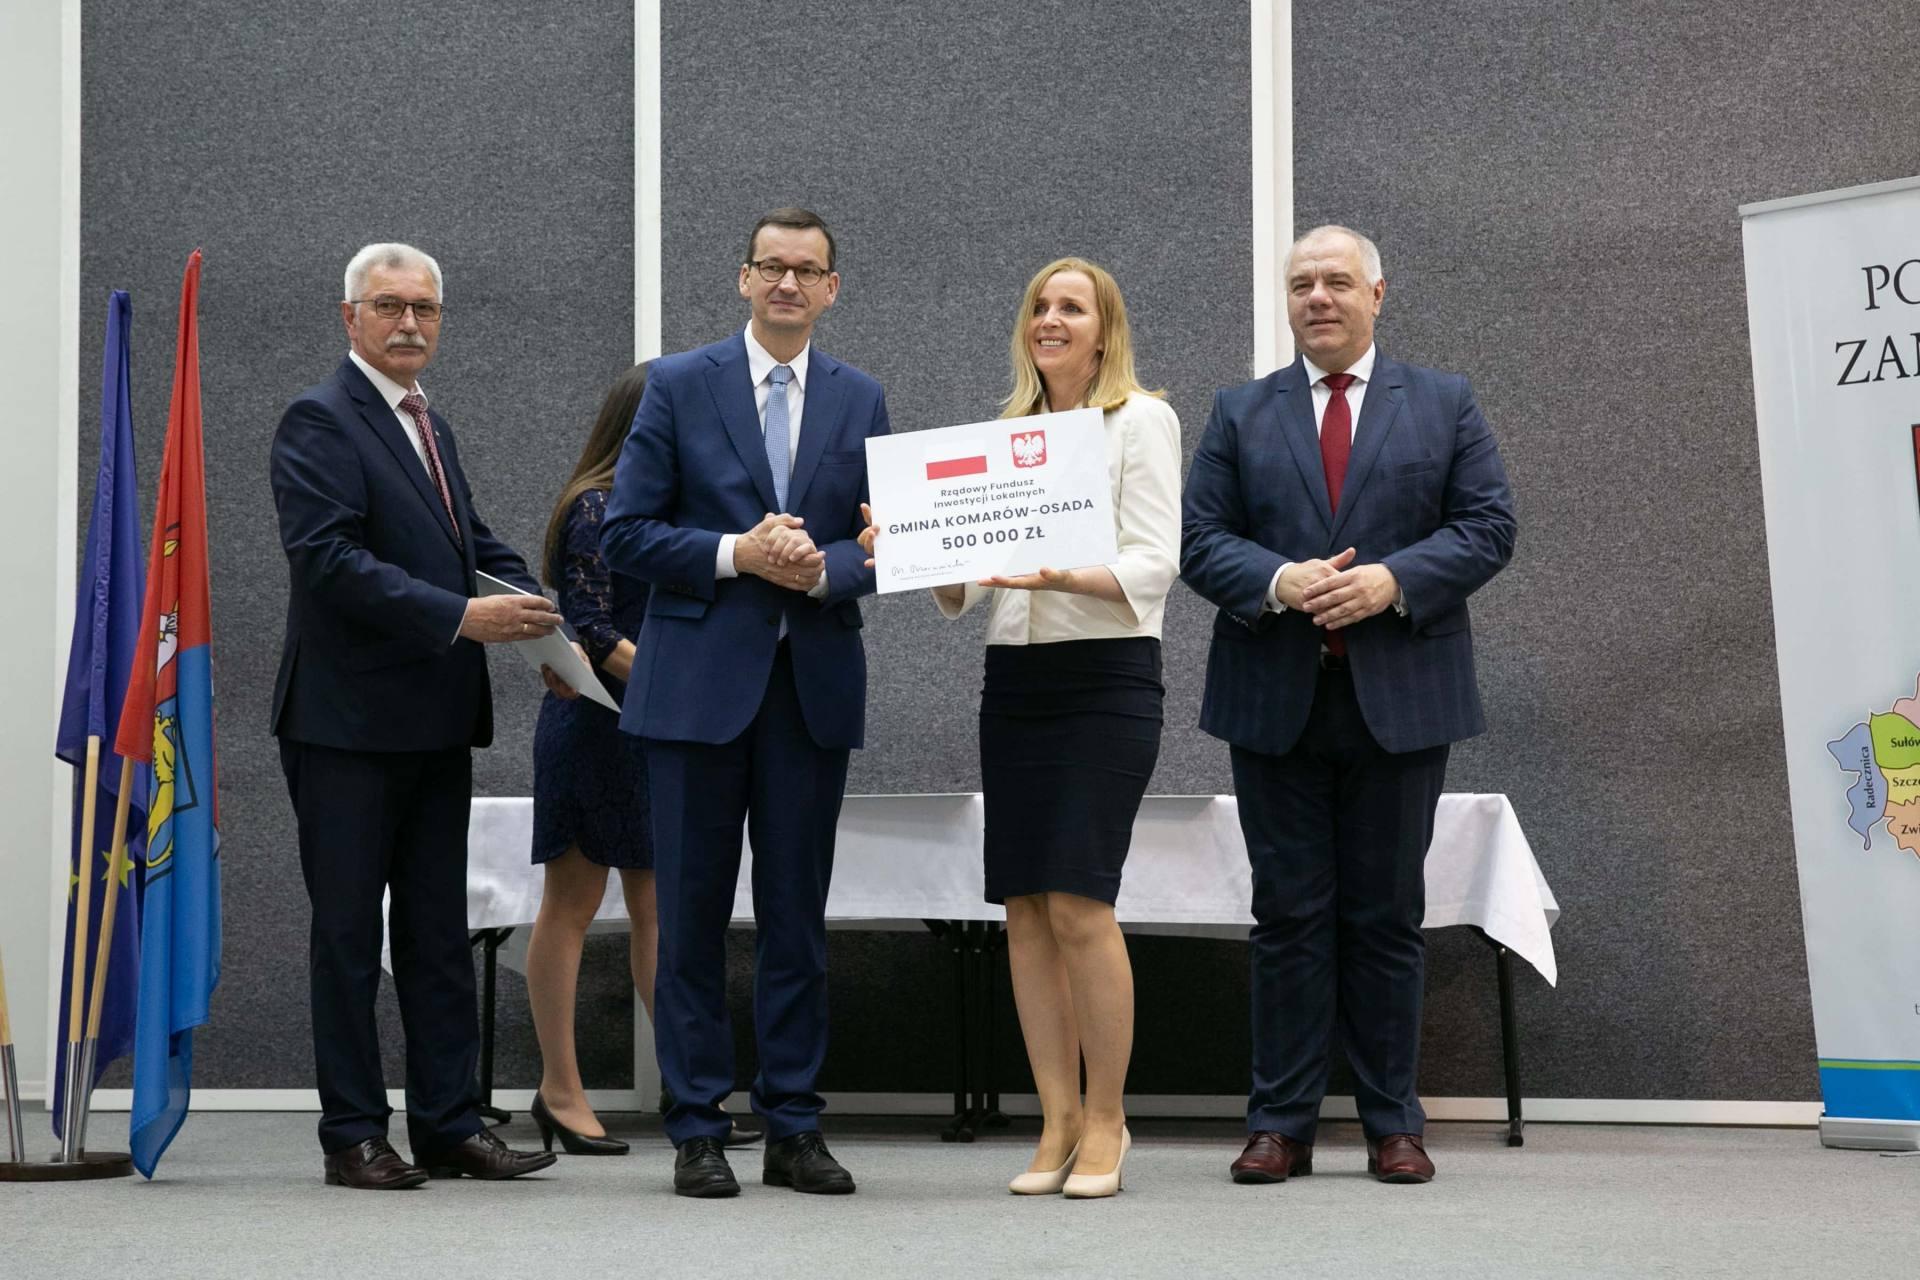 premier morawiecki w zamosciu 18 Premier Mateusz Morawiecki spotkał się z samorządowcami z Zamojszczyzny [ZDJĘCIA]